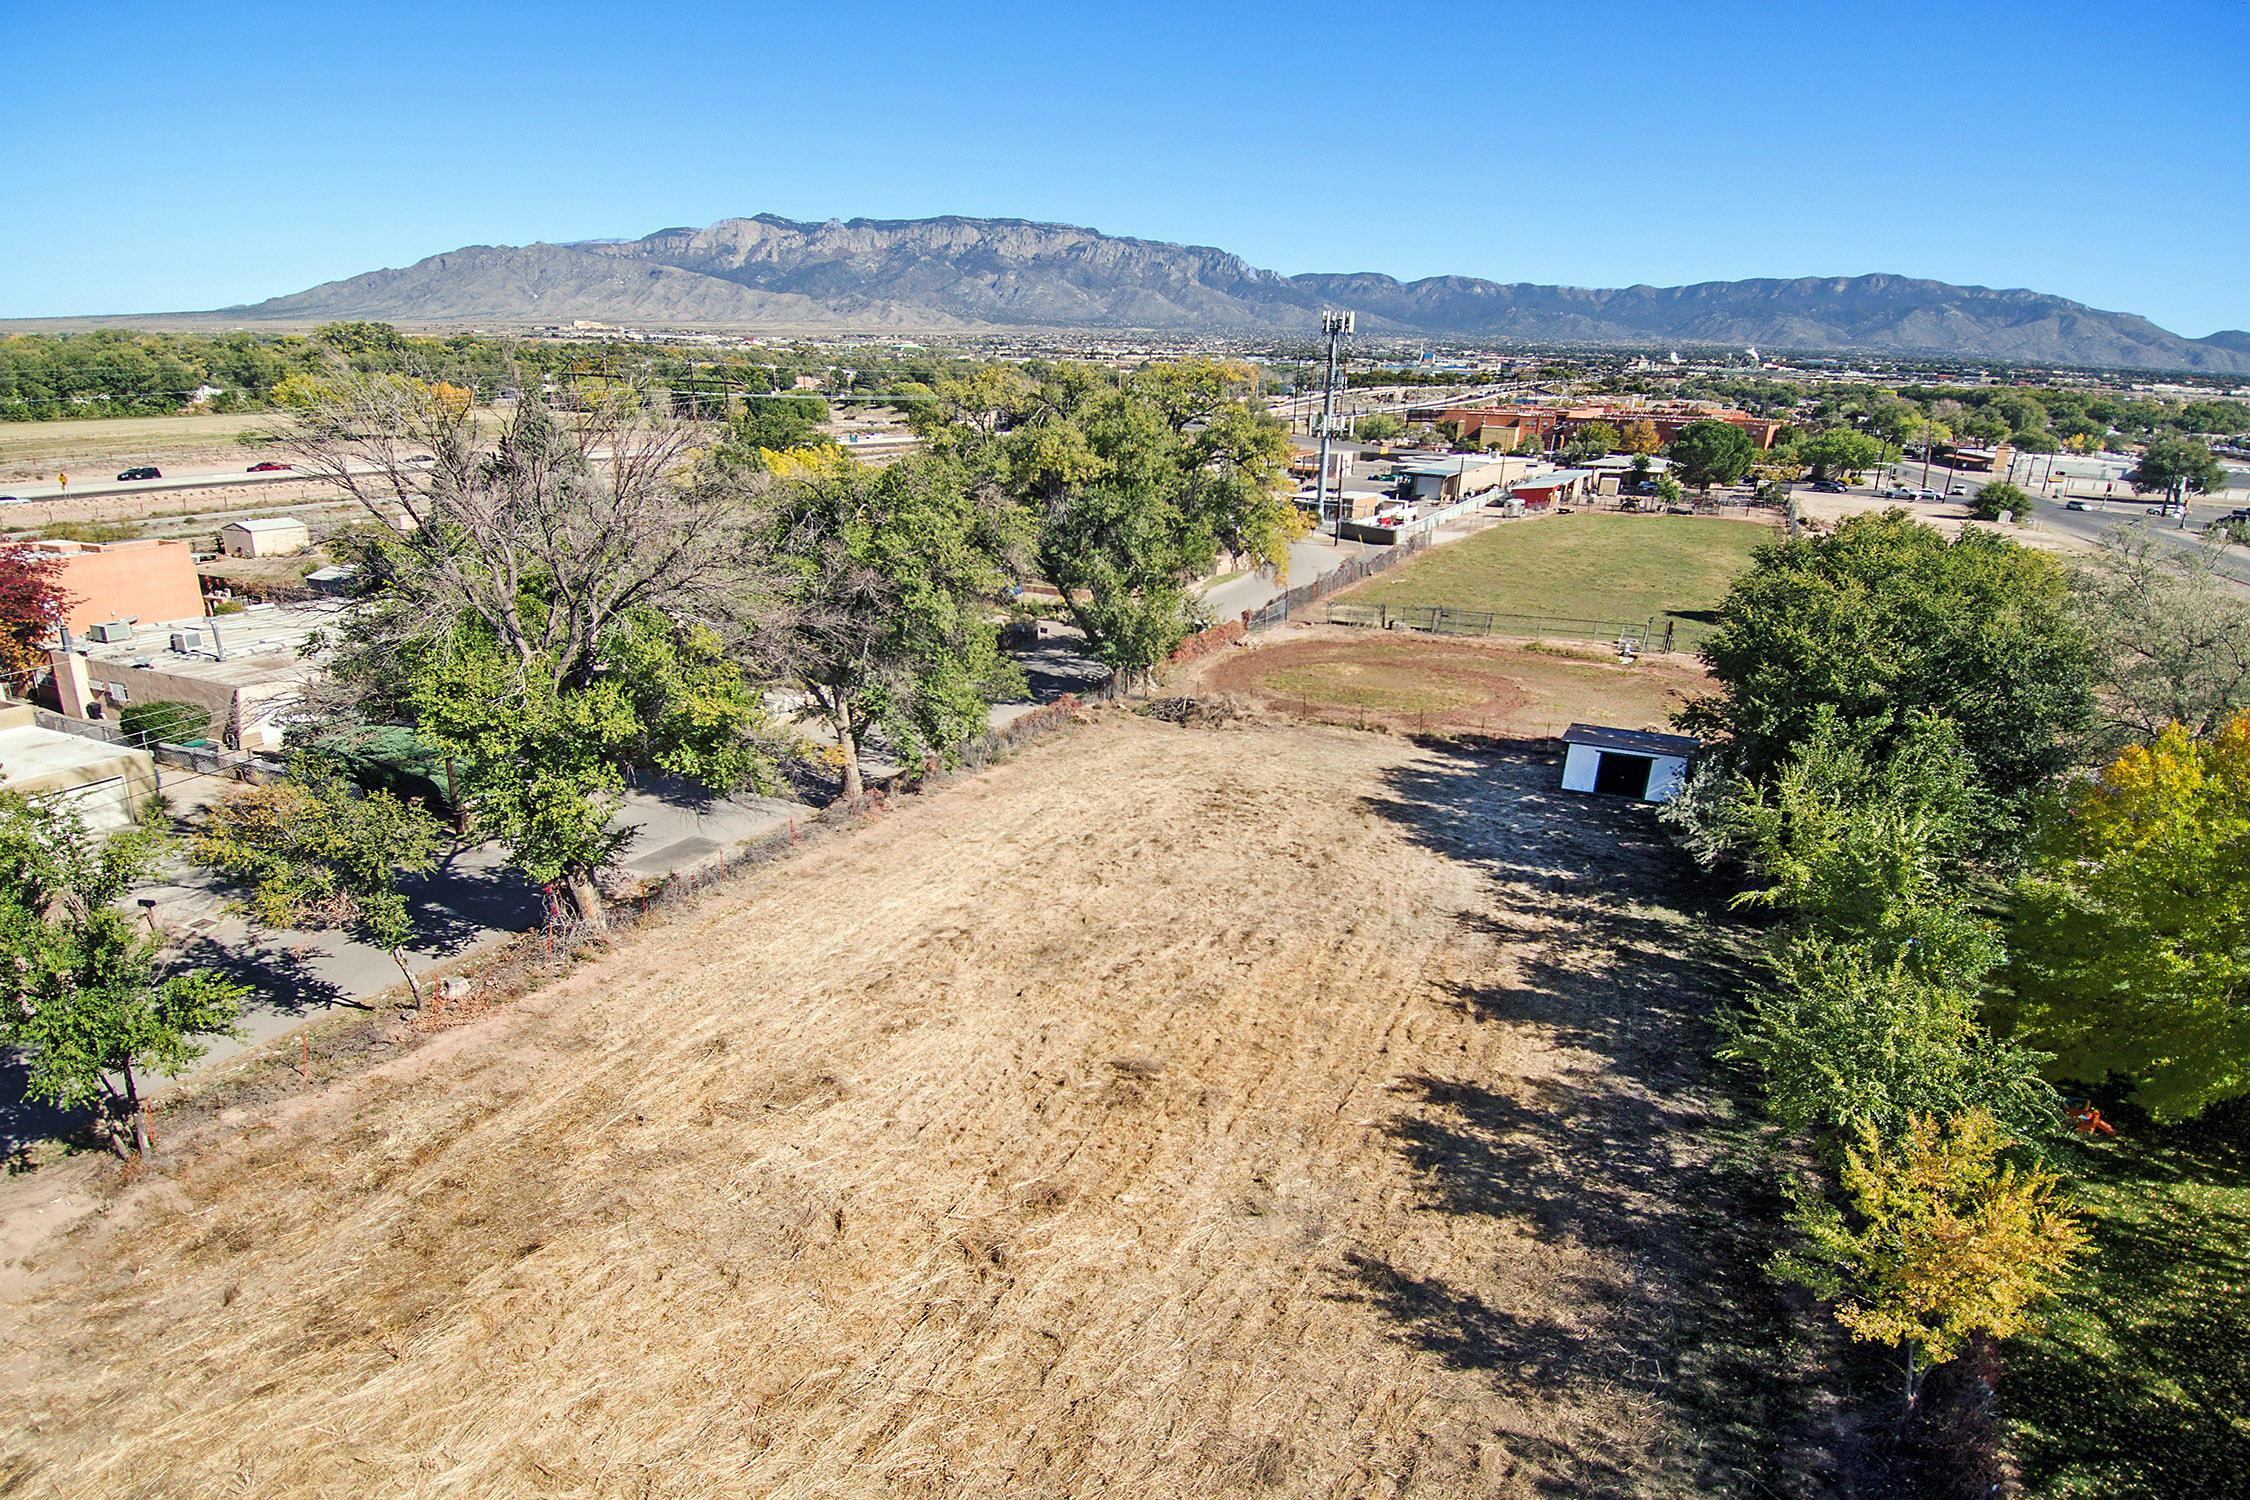 520 CALLE DEL PAJARITO Street NW, Los Ranchos, NM 87114 - Los Ranchos, NM real estate listing